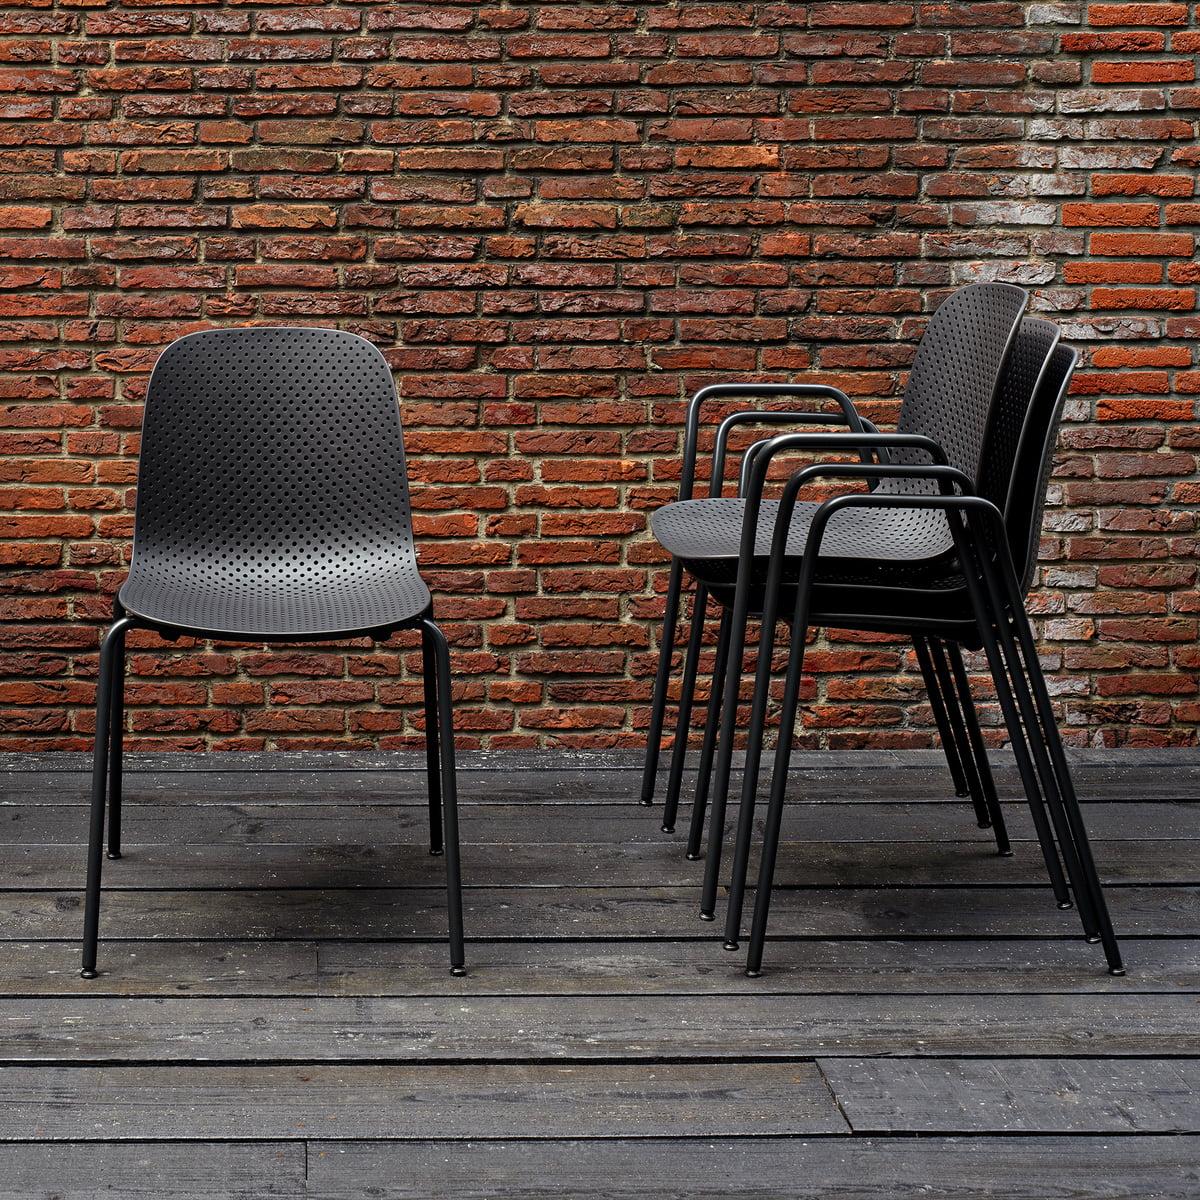 13eighty stuhl von hay. Black Bedroom Furniture Sets. Home Design Ideas